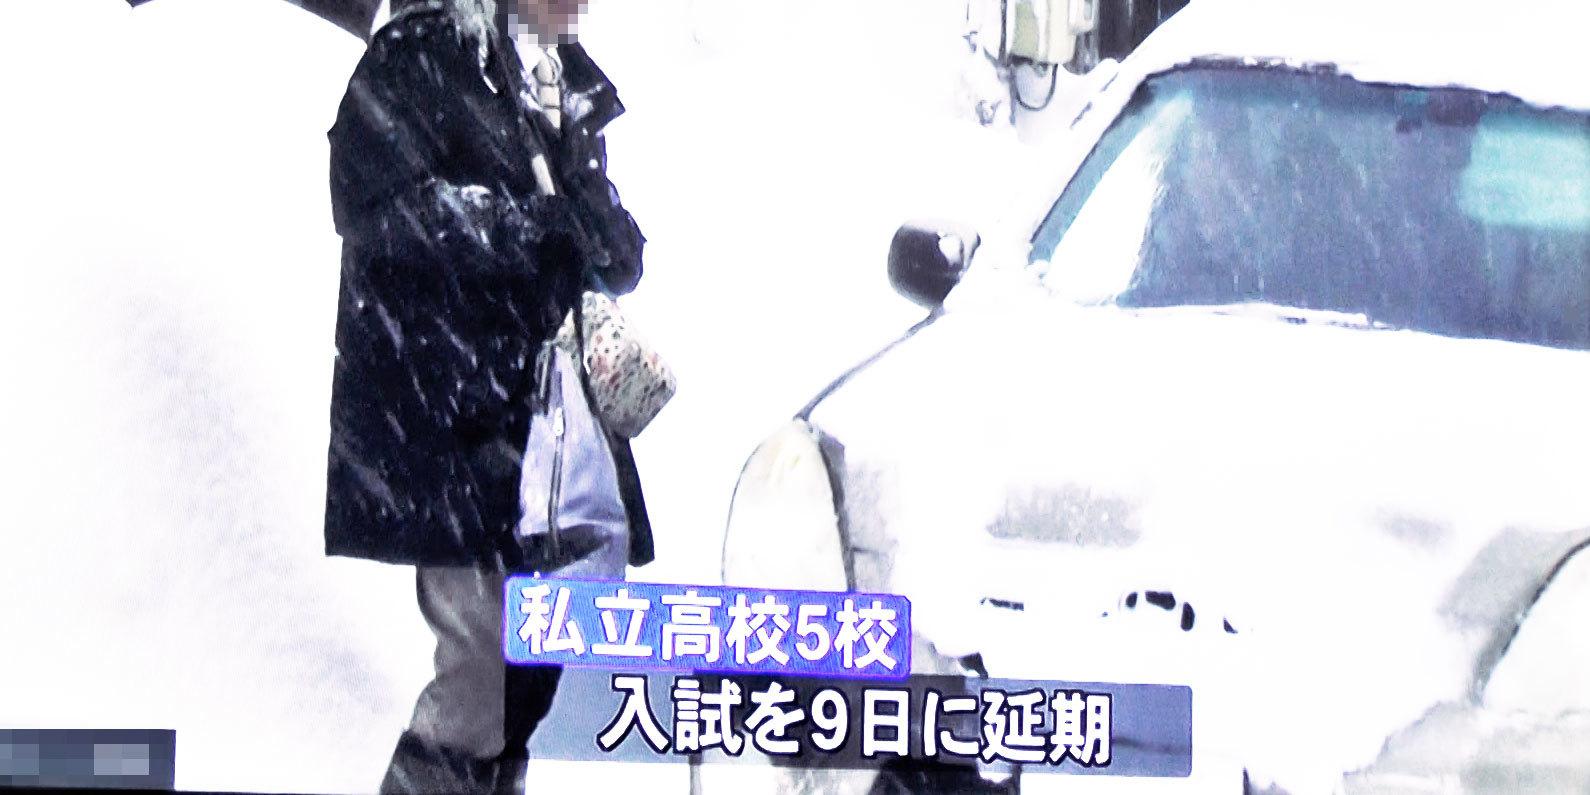 20180226_福井県大雪寒波第3弾(受験延期)6日から9日に2日目受験延期